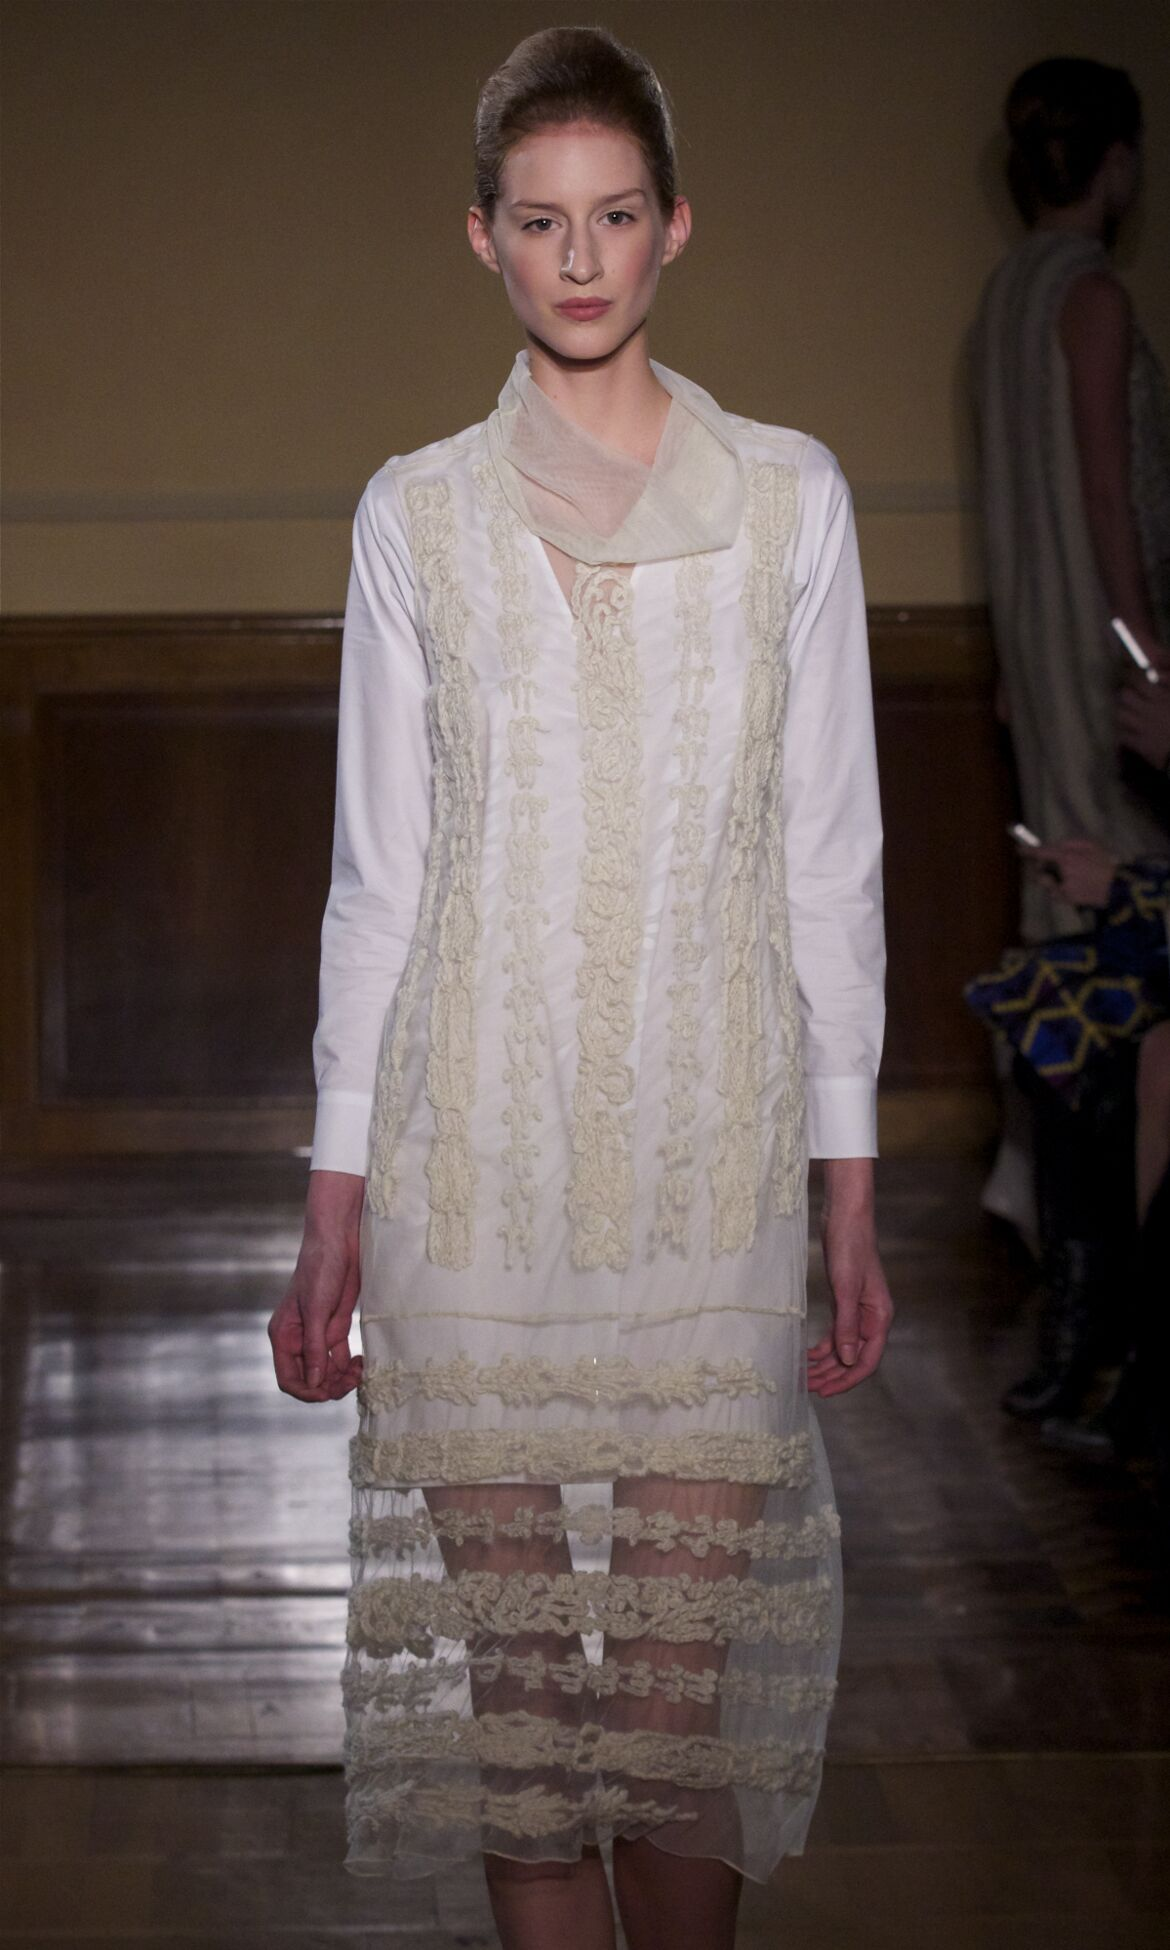 Fashion Model Andrea Incontri Catwalk